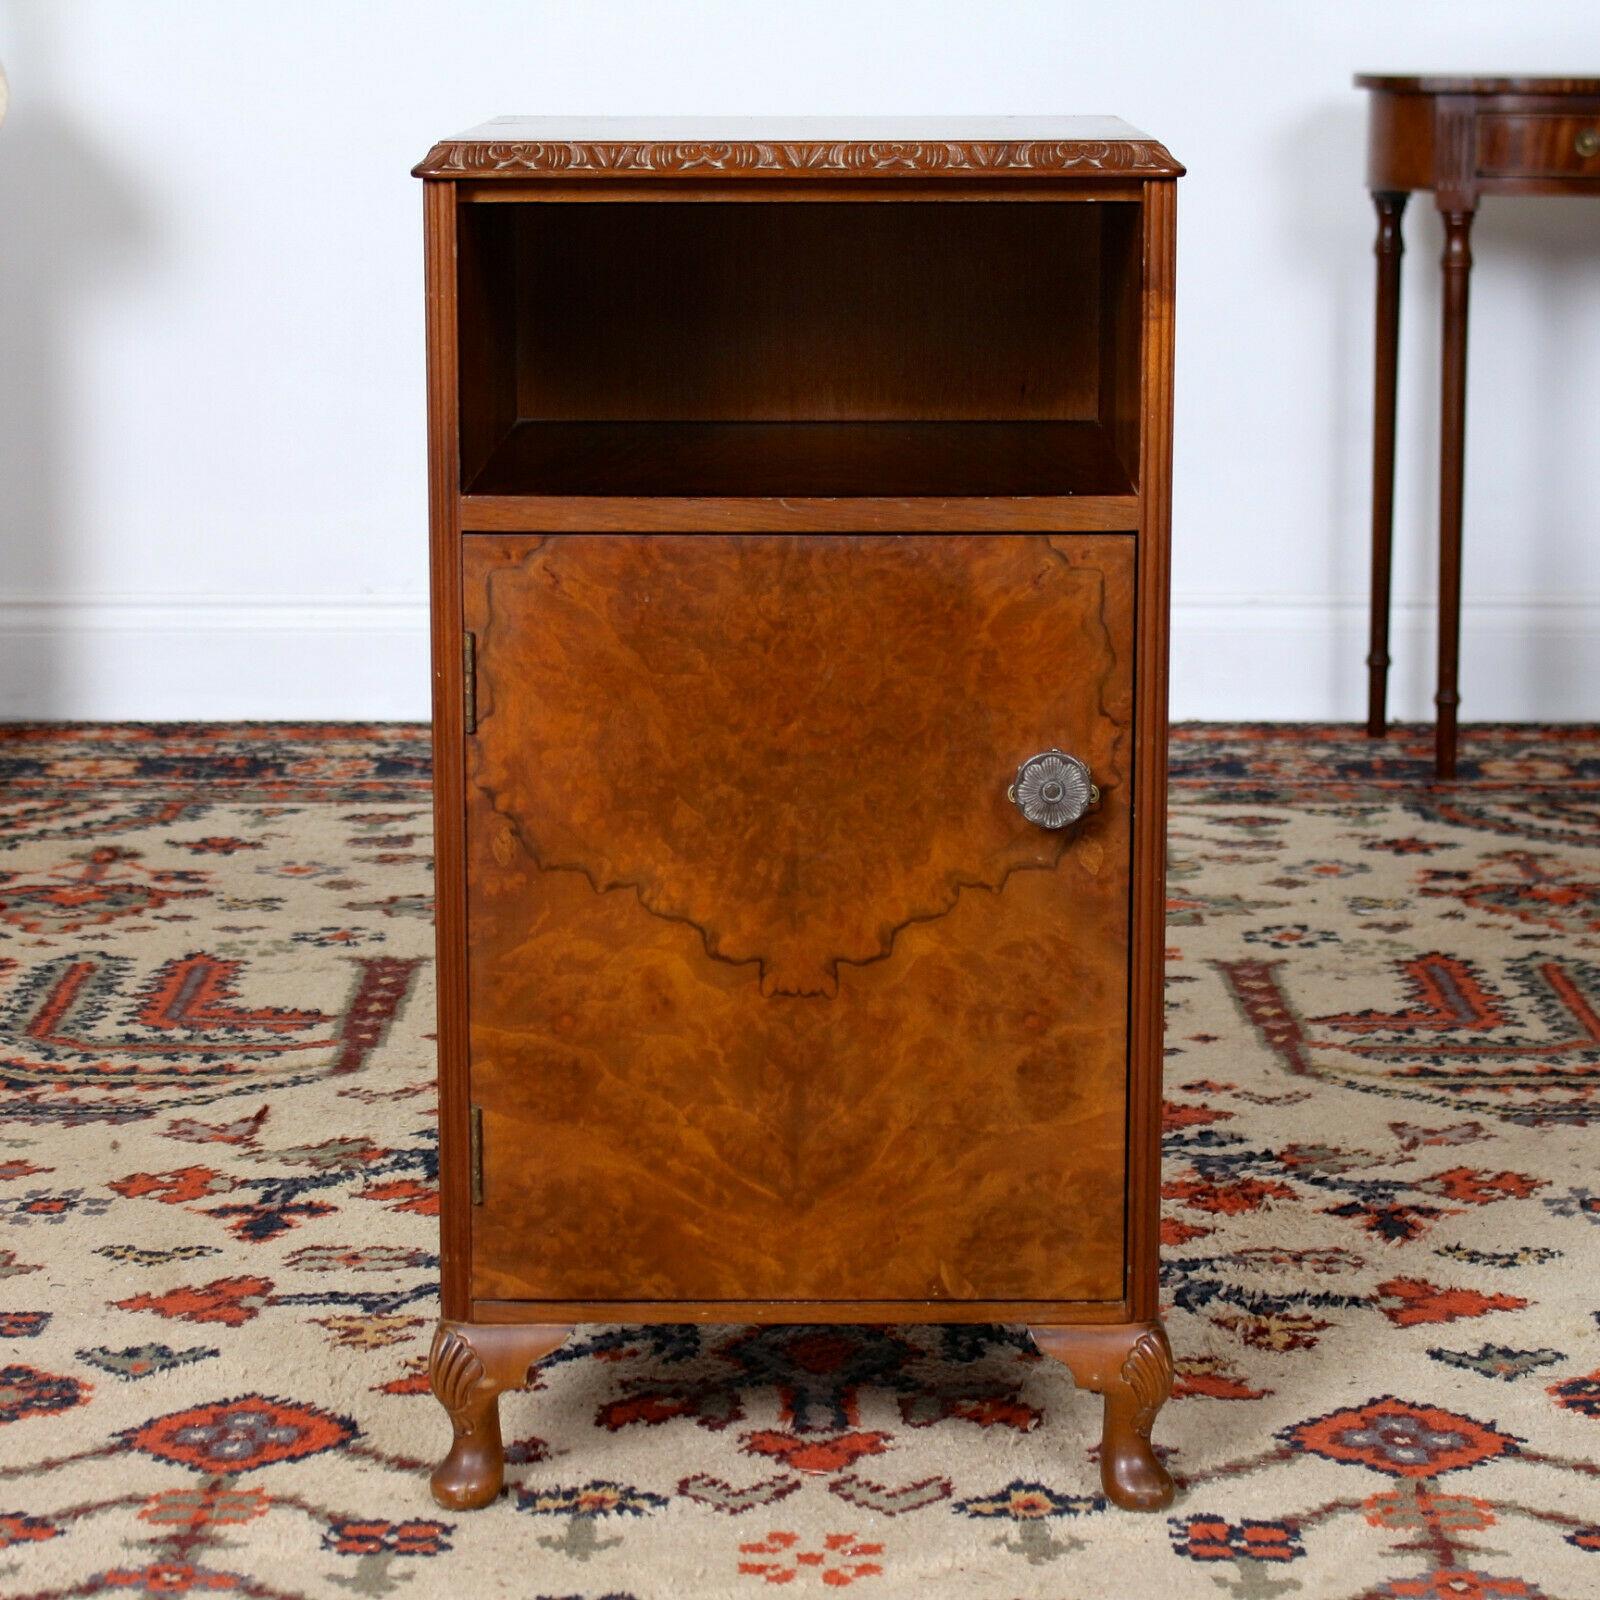 Vintage Walnut Bedside Cabinet Art Deco Nouveau Carved Bedside Table